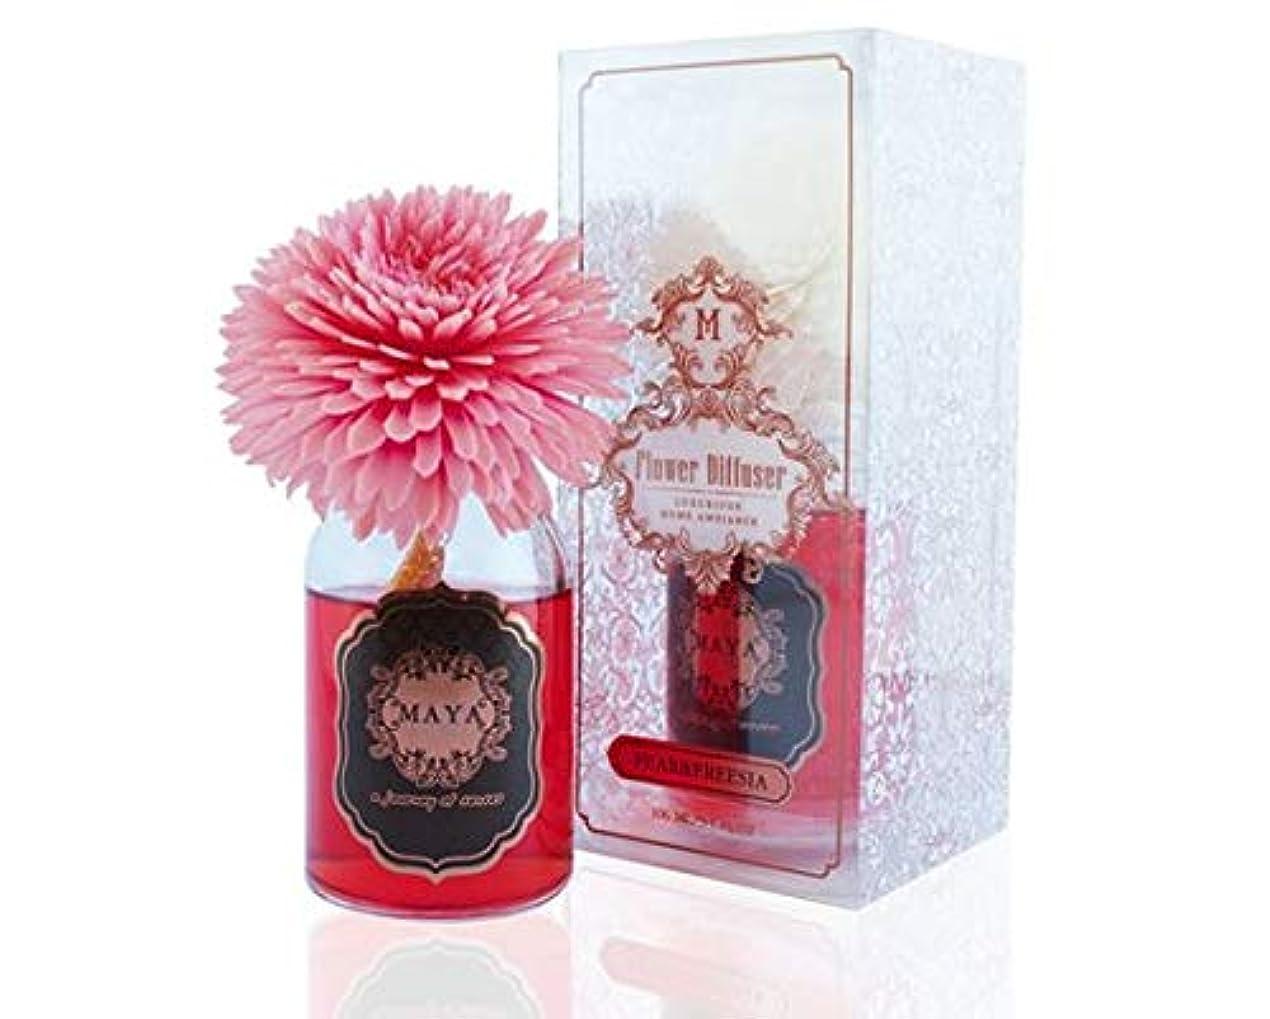 マヤ デフューザー ペア&フリージア 100ml | Aroma Flower Diffuser - Pear & Freesia 100ml [並行輸入品]